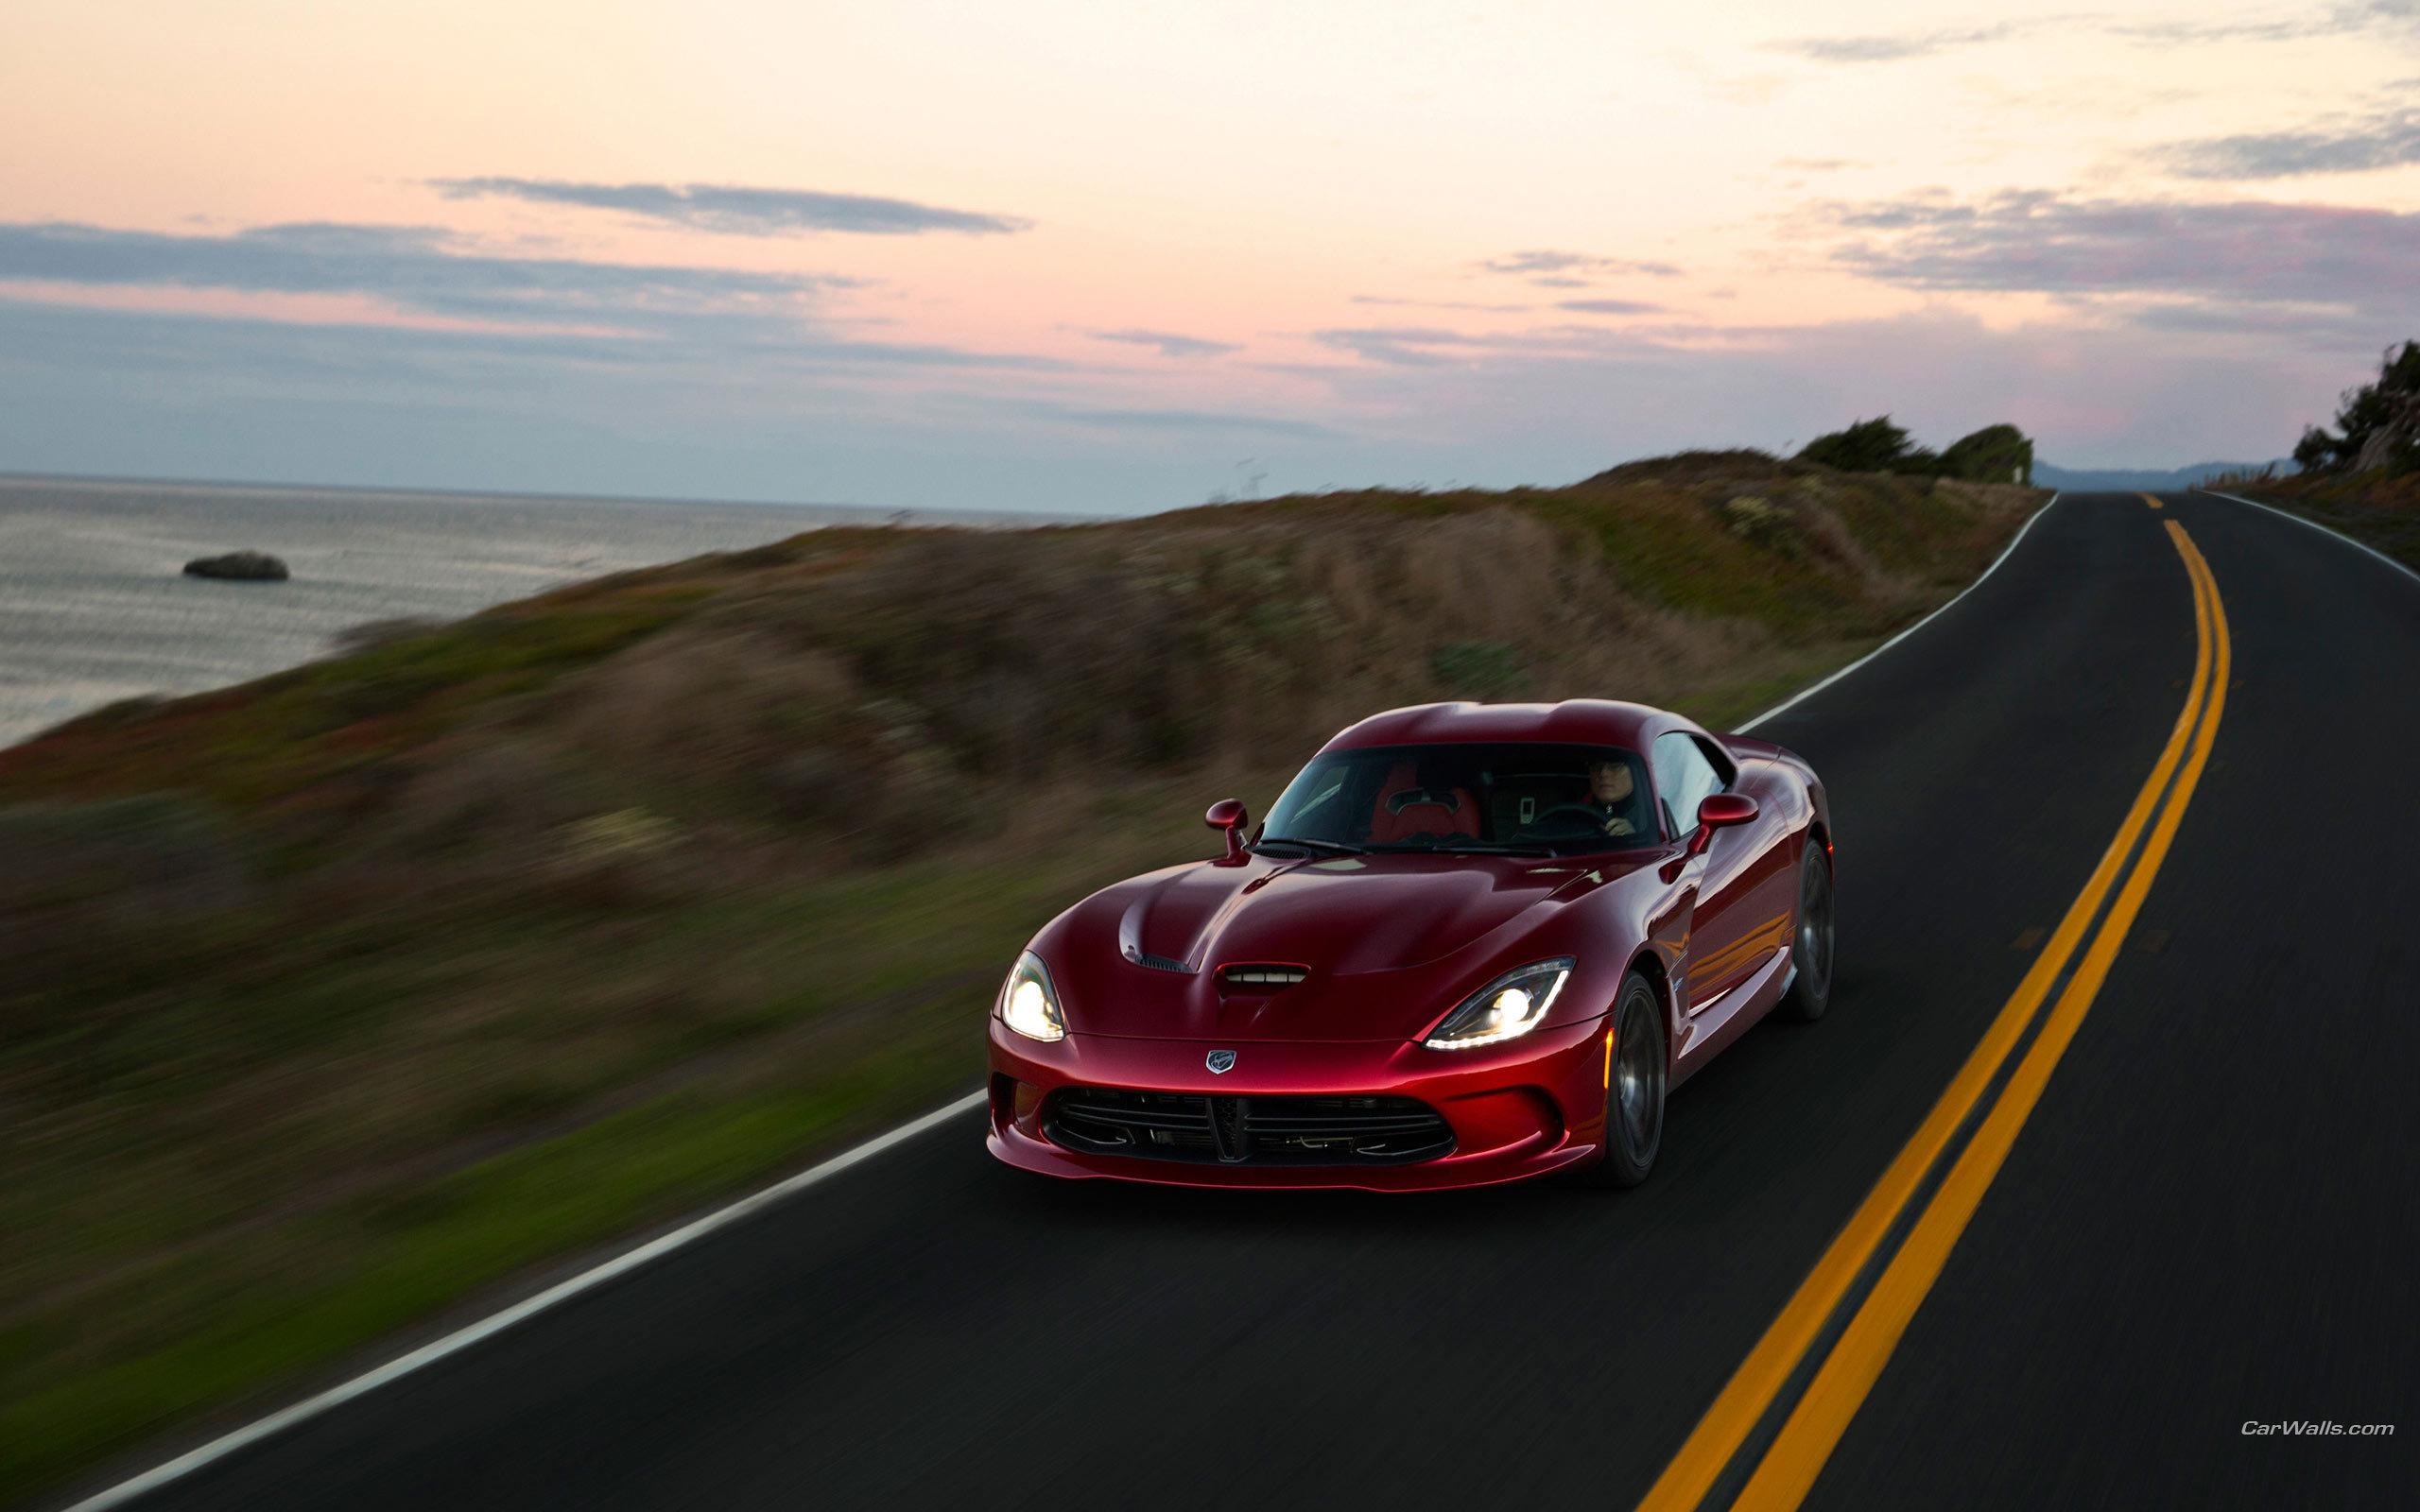 24460 скачать обои Транспорт, Машины, Додж Вайпер (Dodge Viper) - заставки и картинки бесплатно